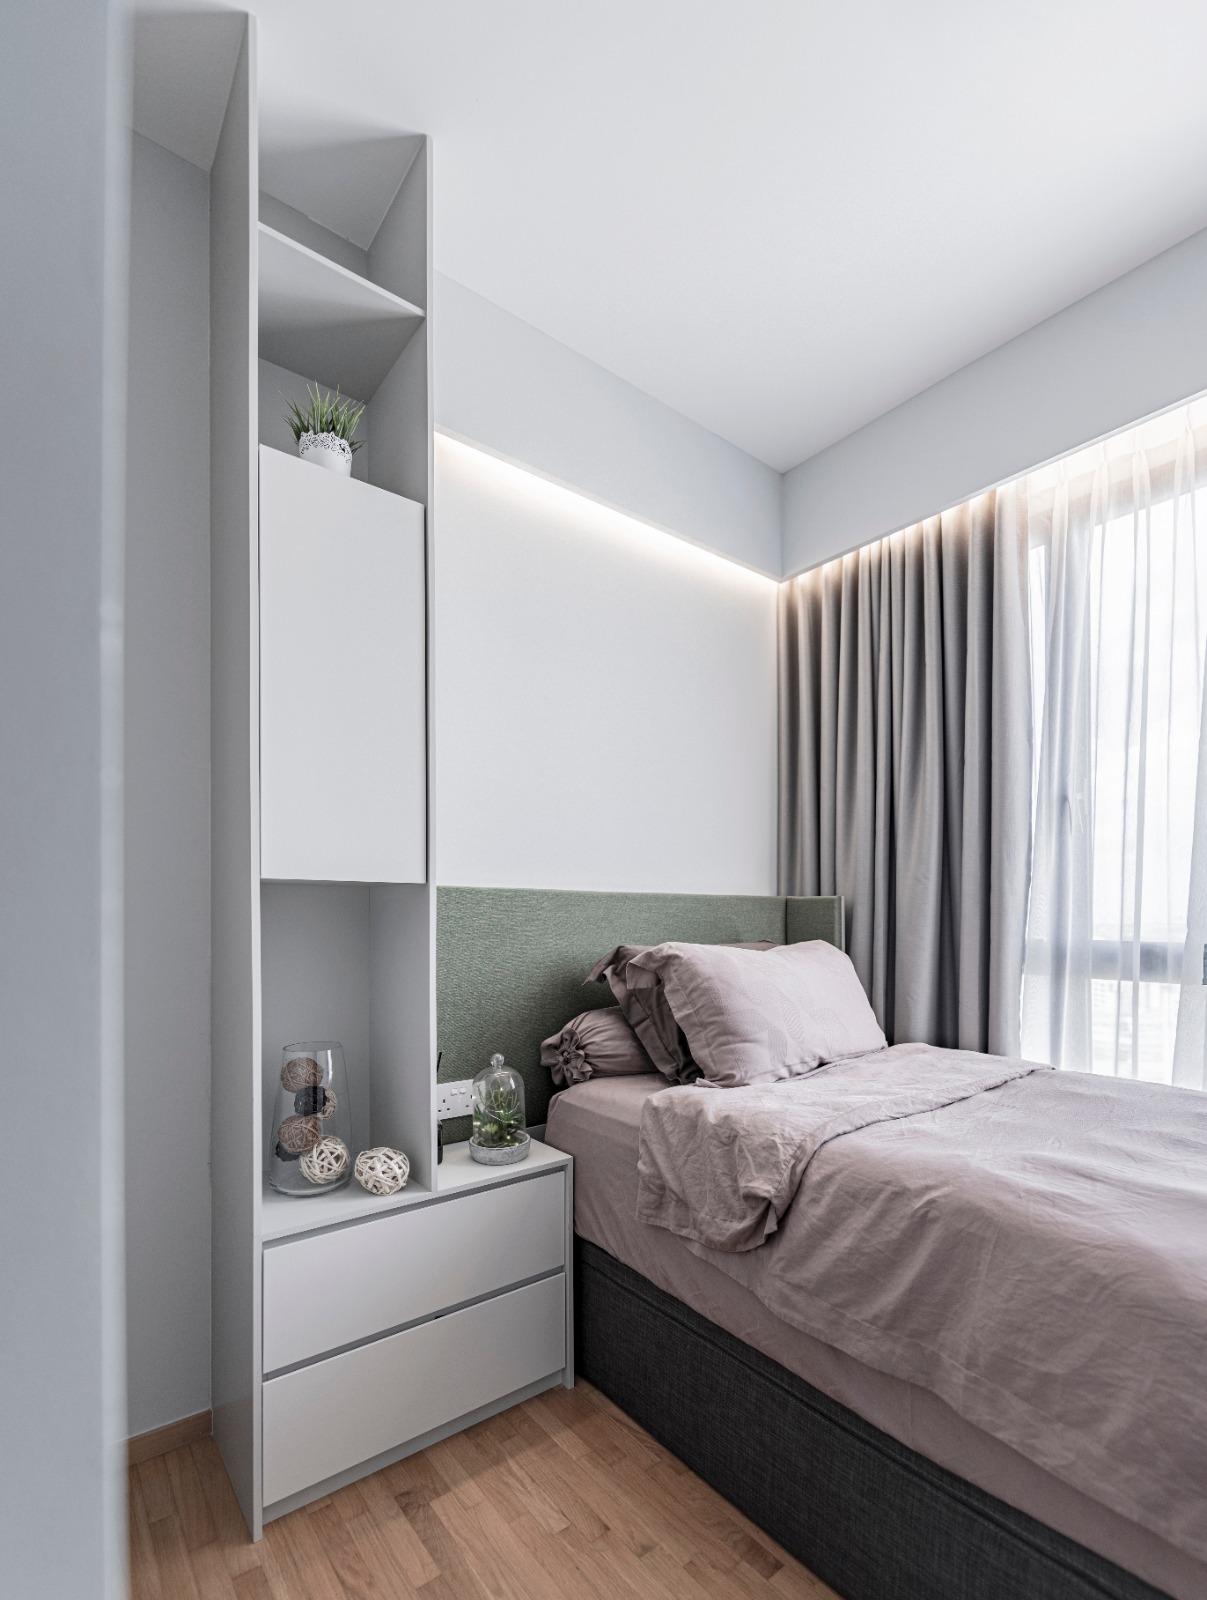 11 Bedroom Perspective